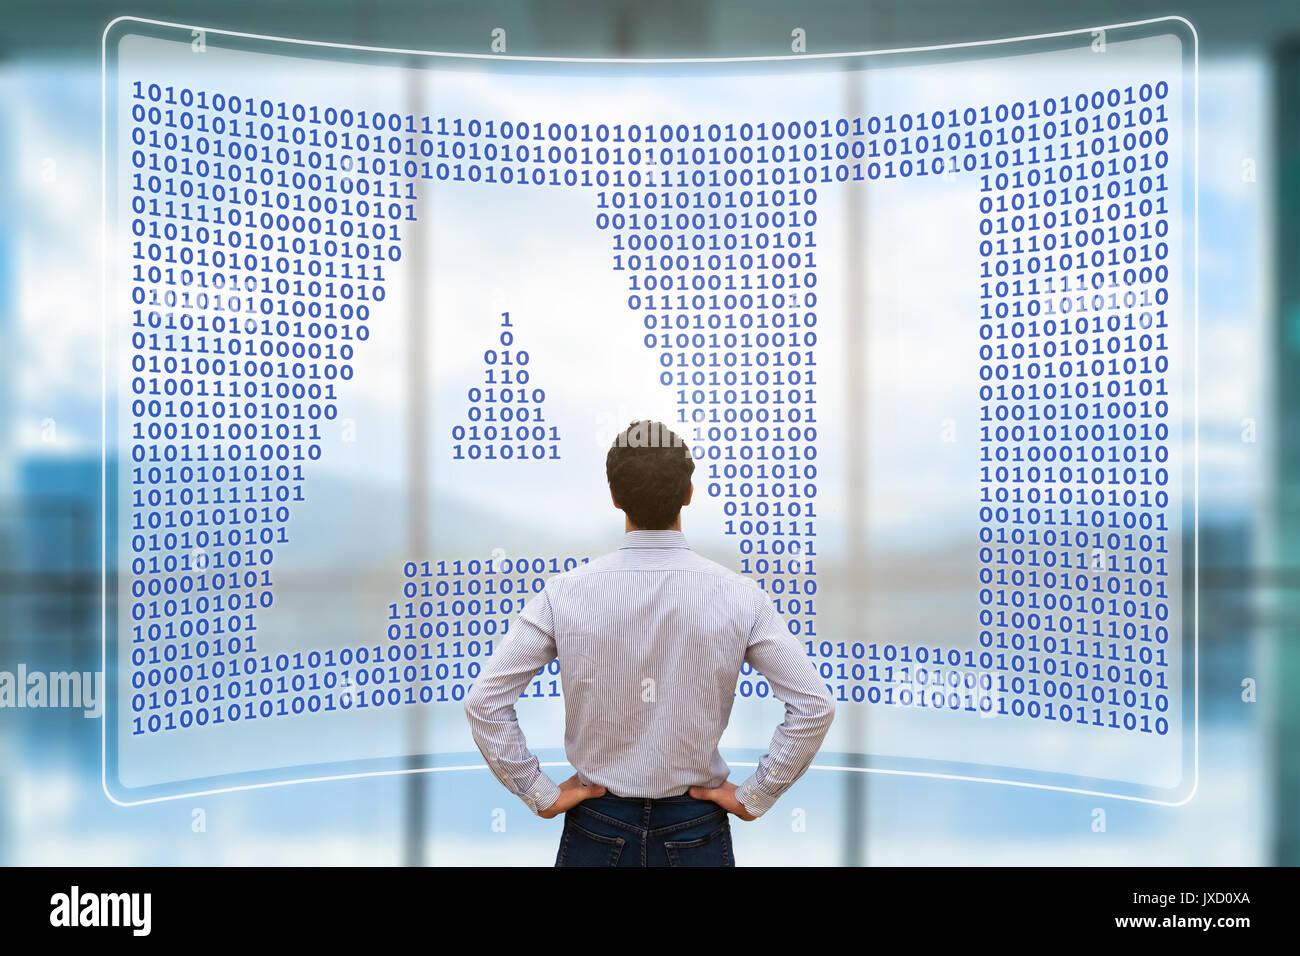 Intelligenza artificiale con il concetto di intelligenza artificiale di testo in codice binario matrice sullo schermo virtuale e le persone che lavorano con la tecnologia informatica e automazione Immagini Stock